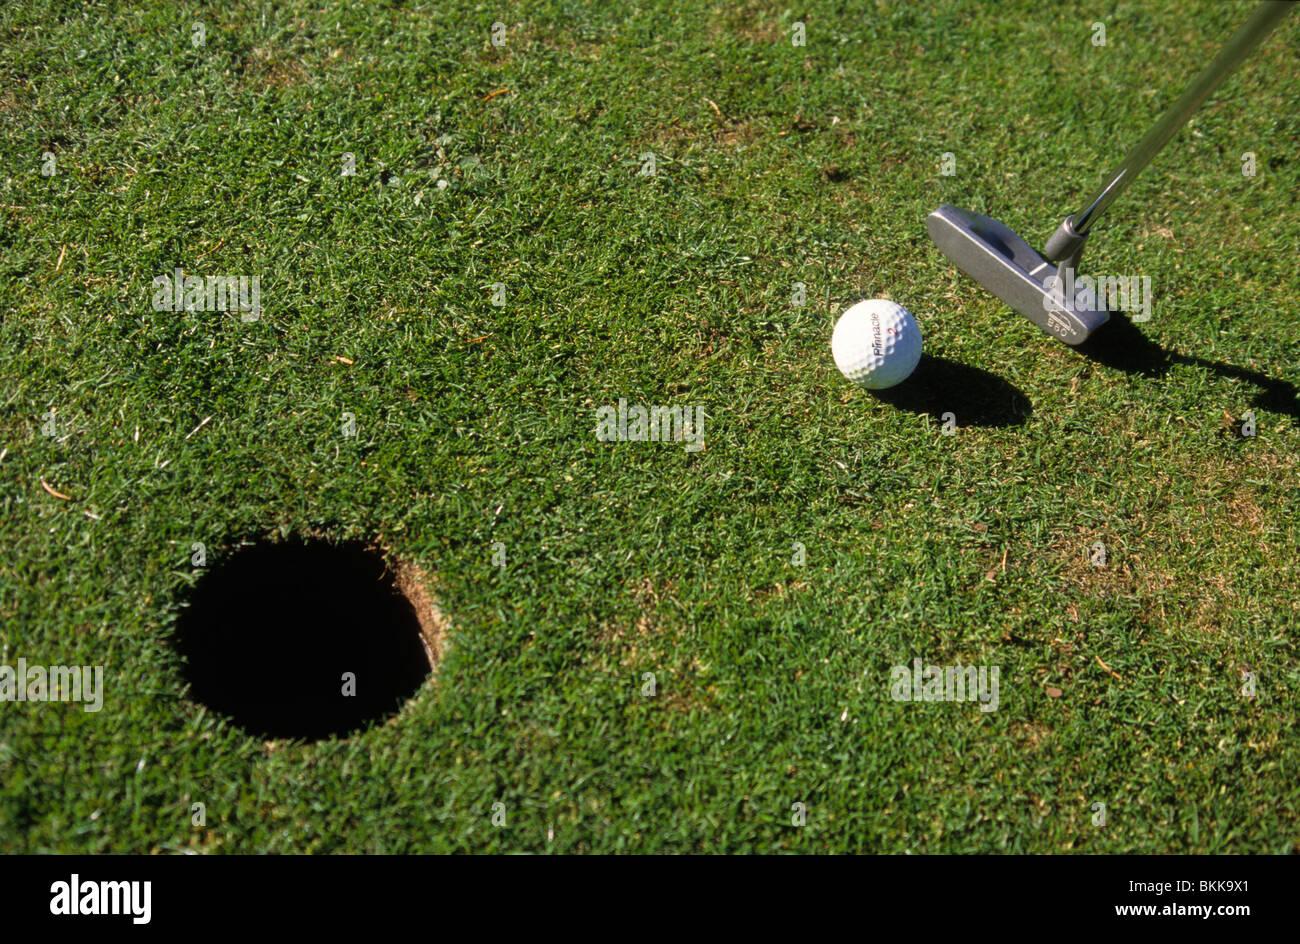 Persona jugando golf y poner una bola de cierre vista elevada Imagen De Stock